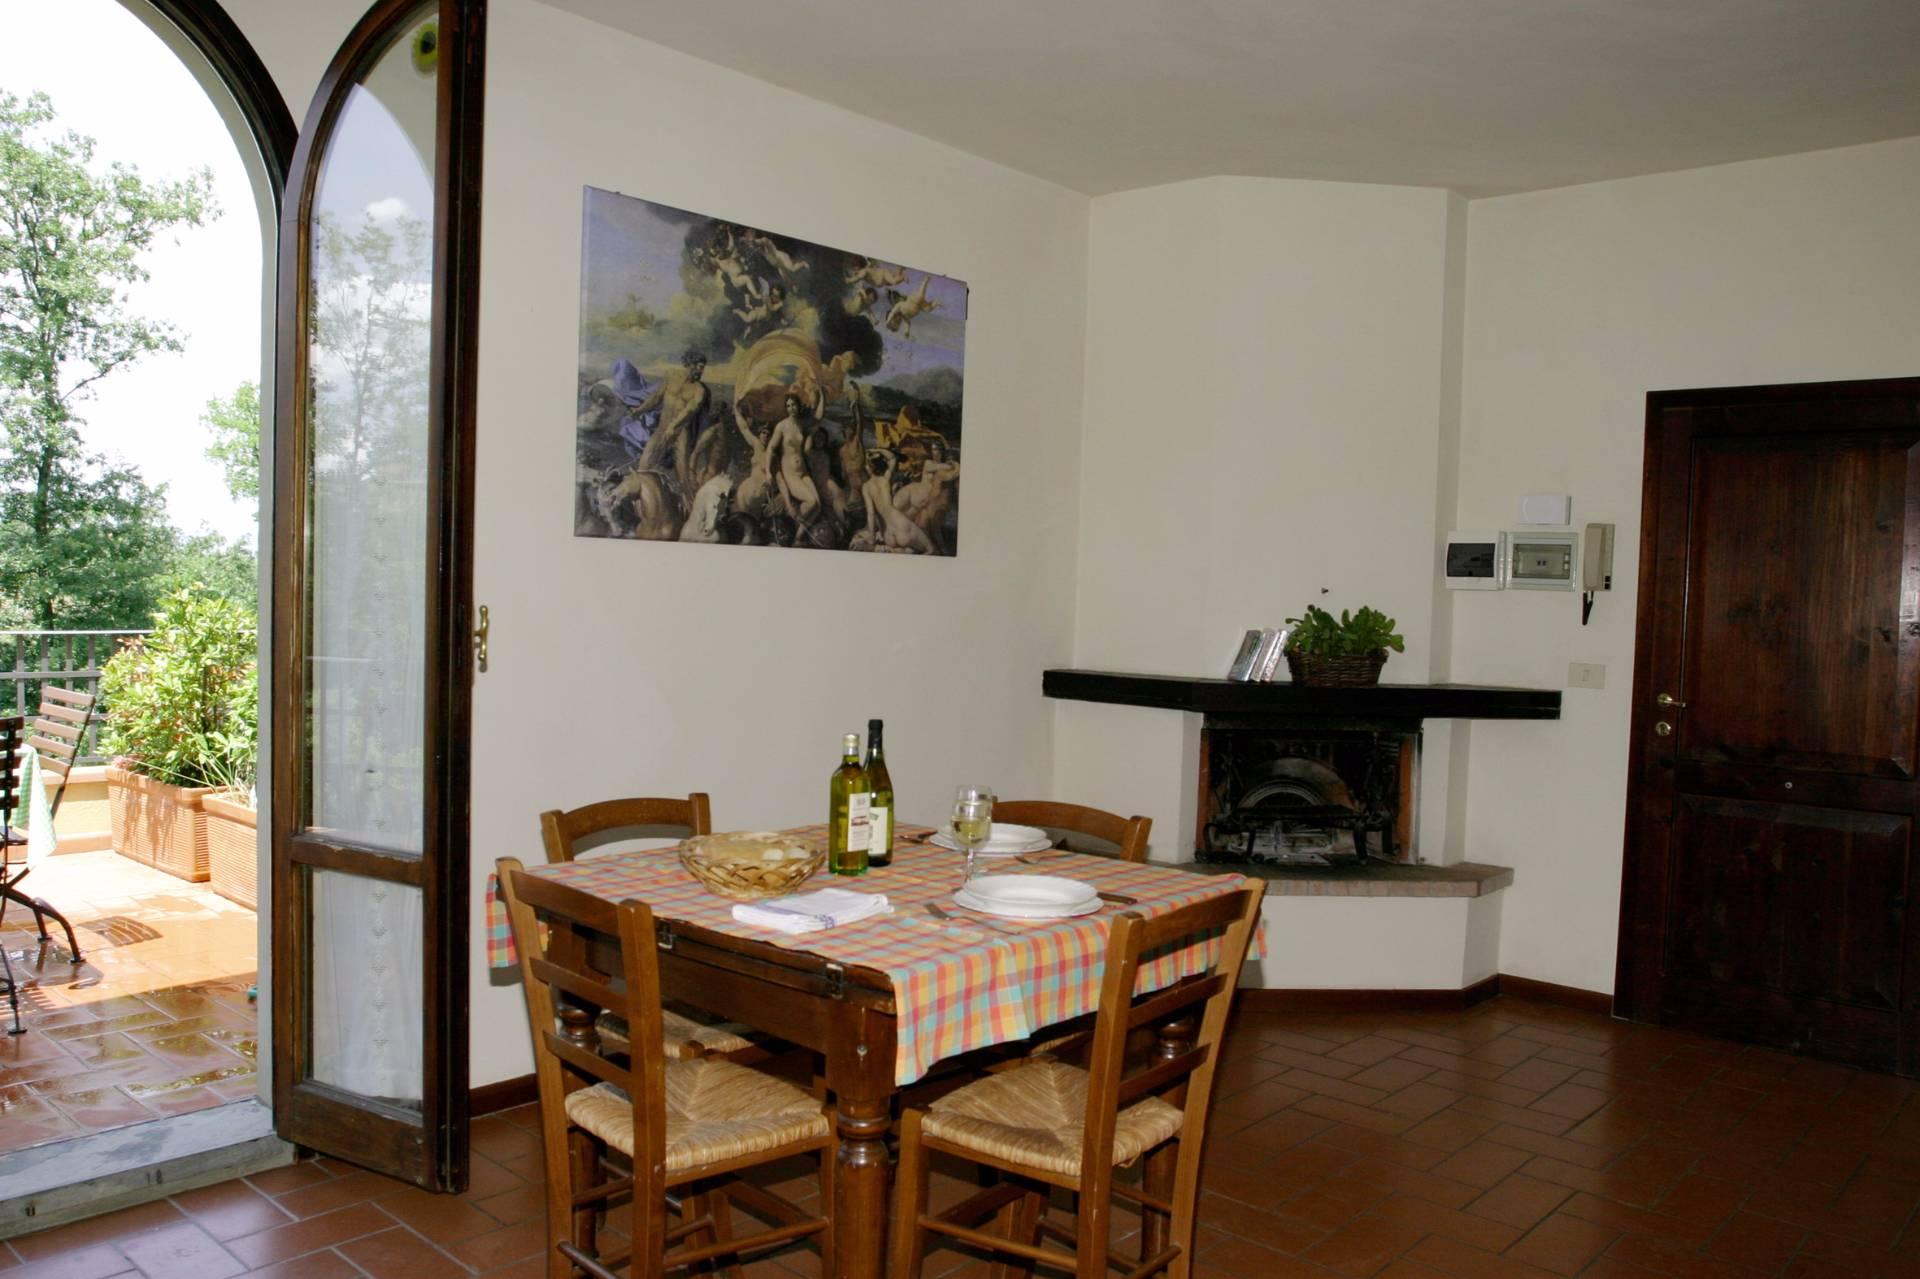 Appartamento in affitto a Cerreto Guidi, 2 locali, prezzo € 600 | Cambio Casa.it